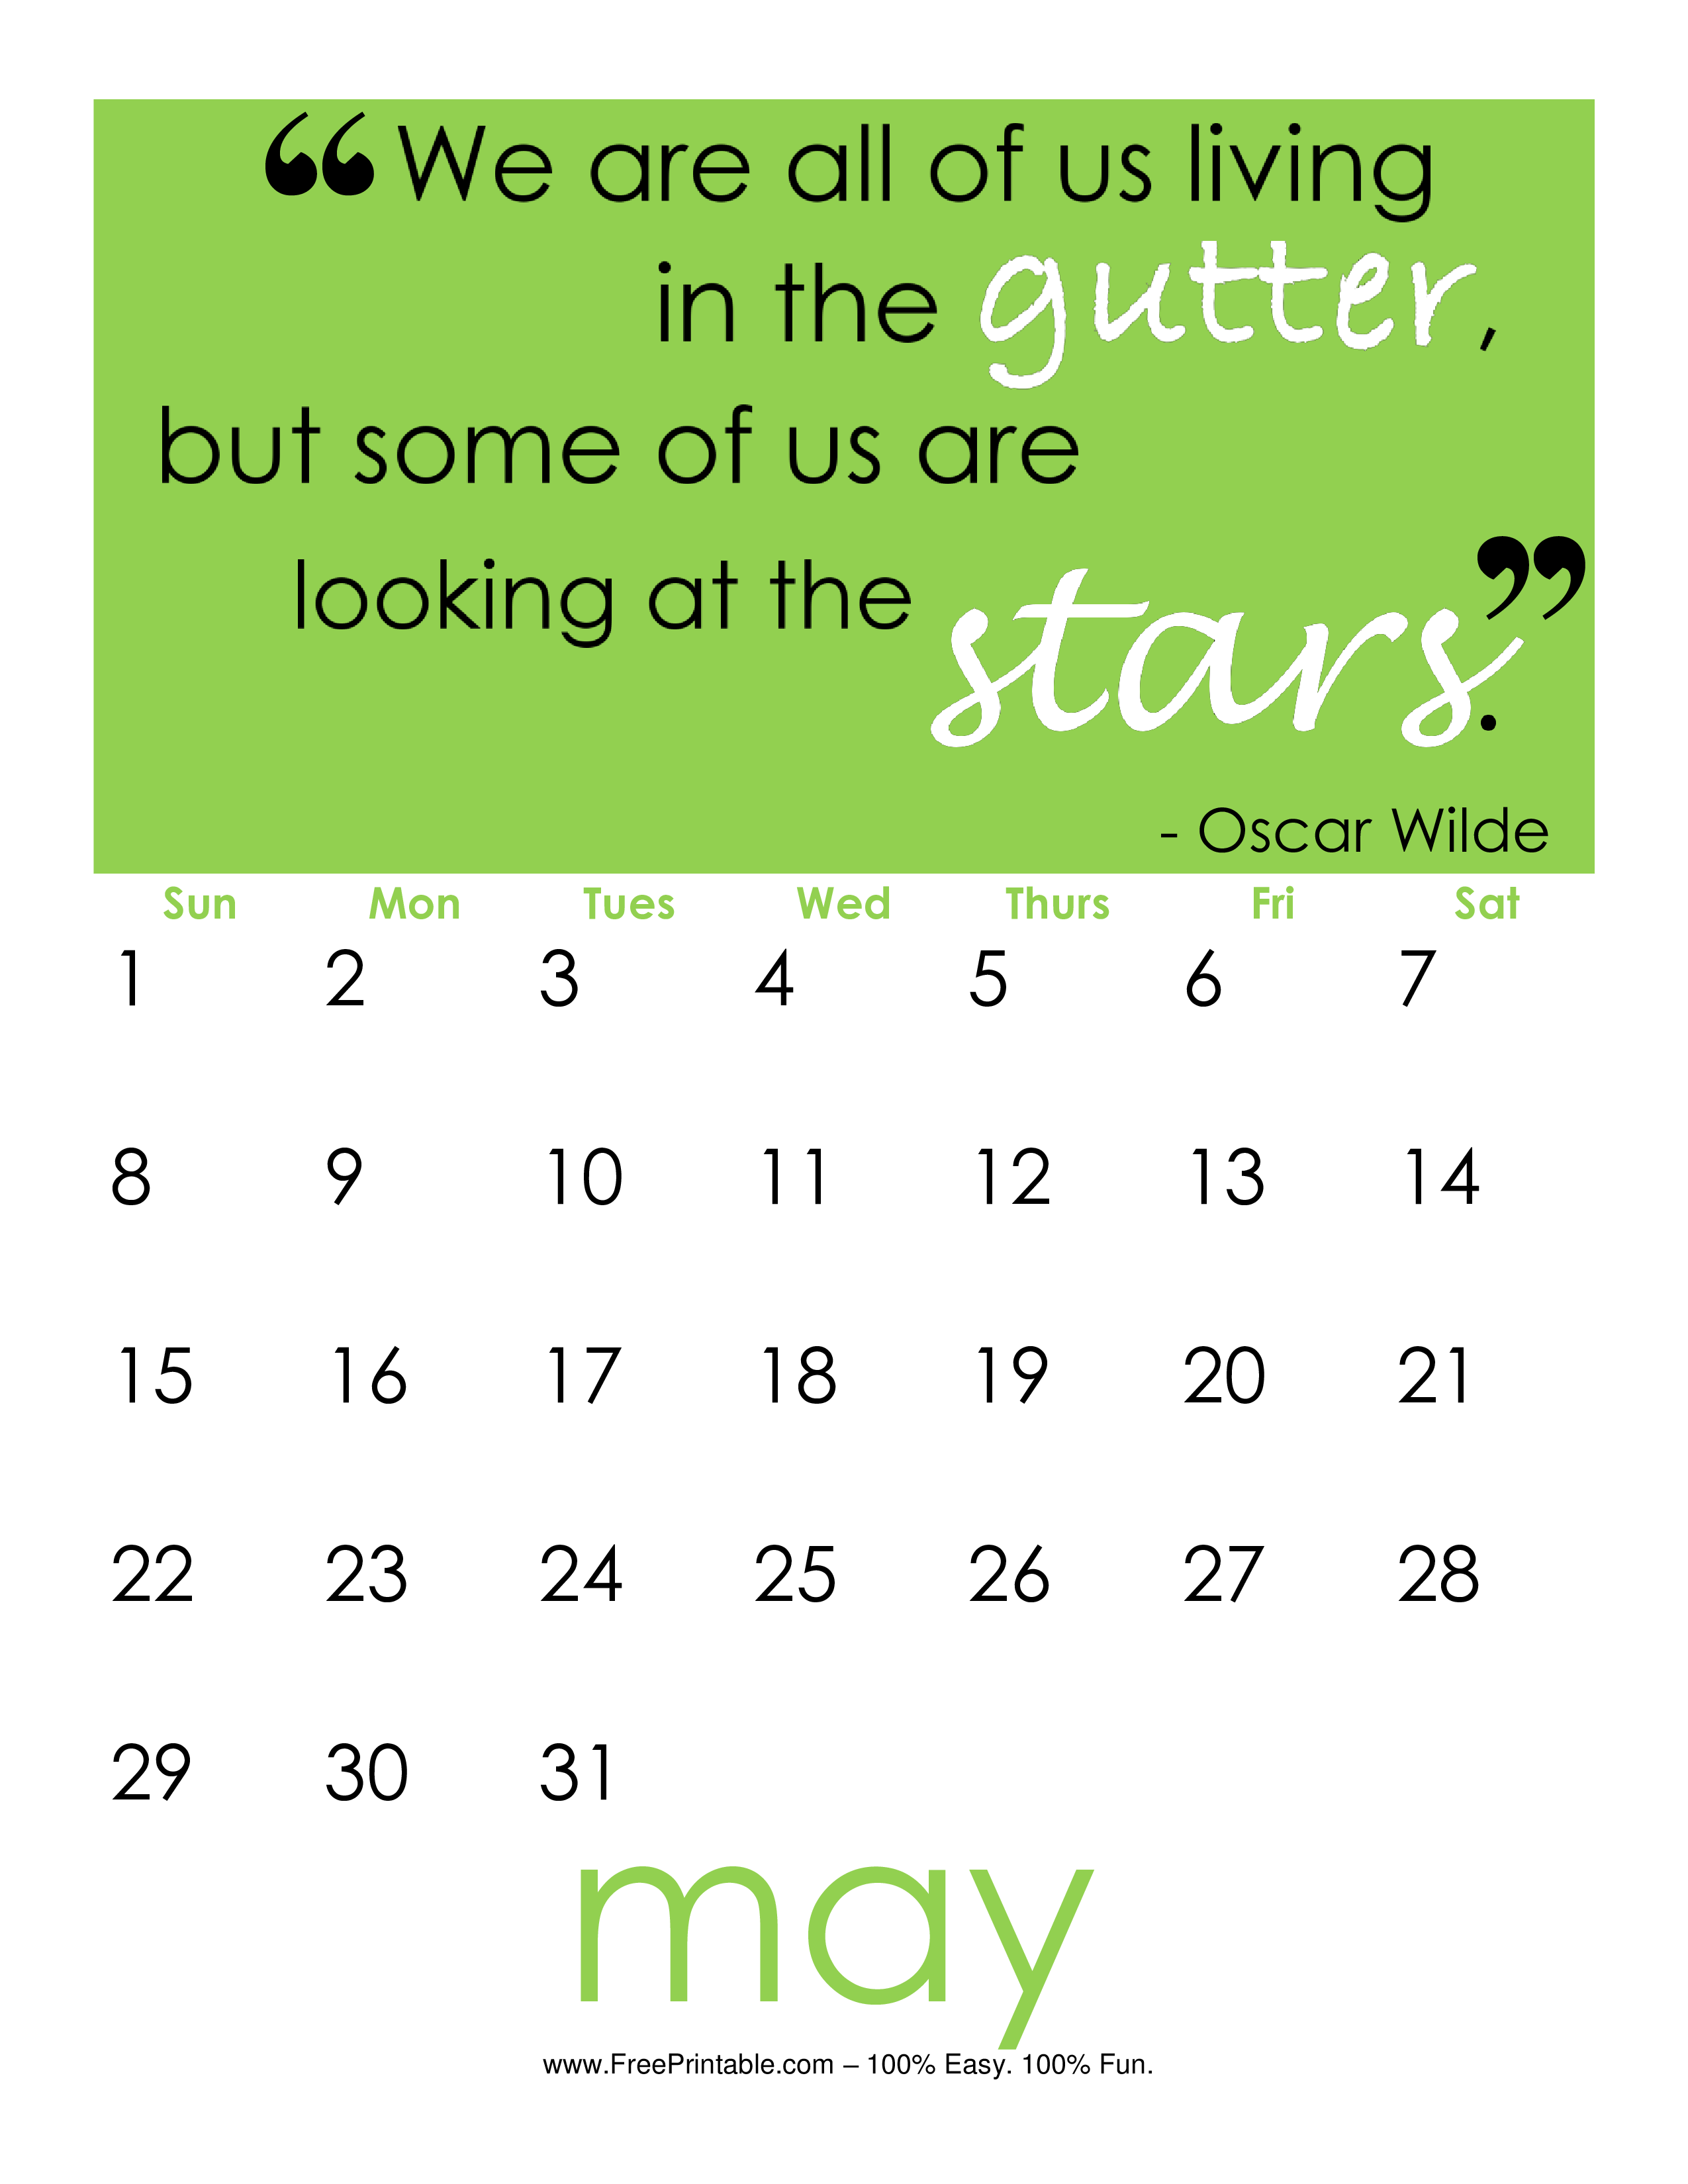 Oscar Wilde monthly calendar